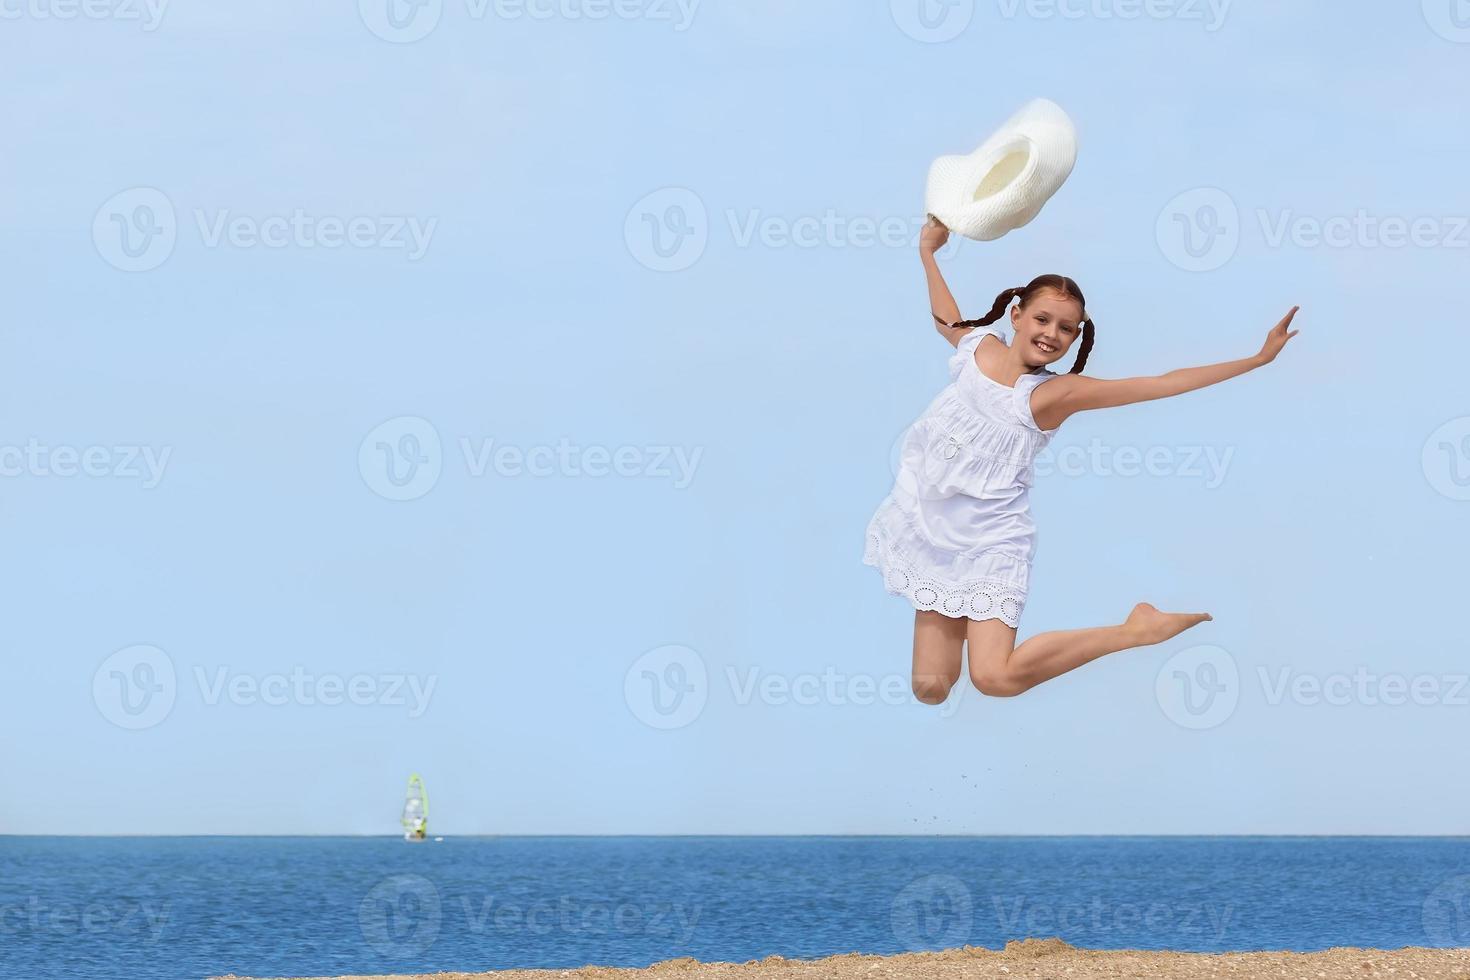 chica alegre saltando sobre el agua en la playa foto